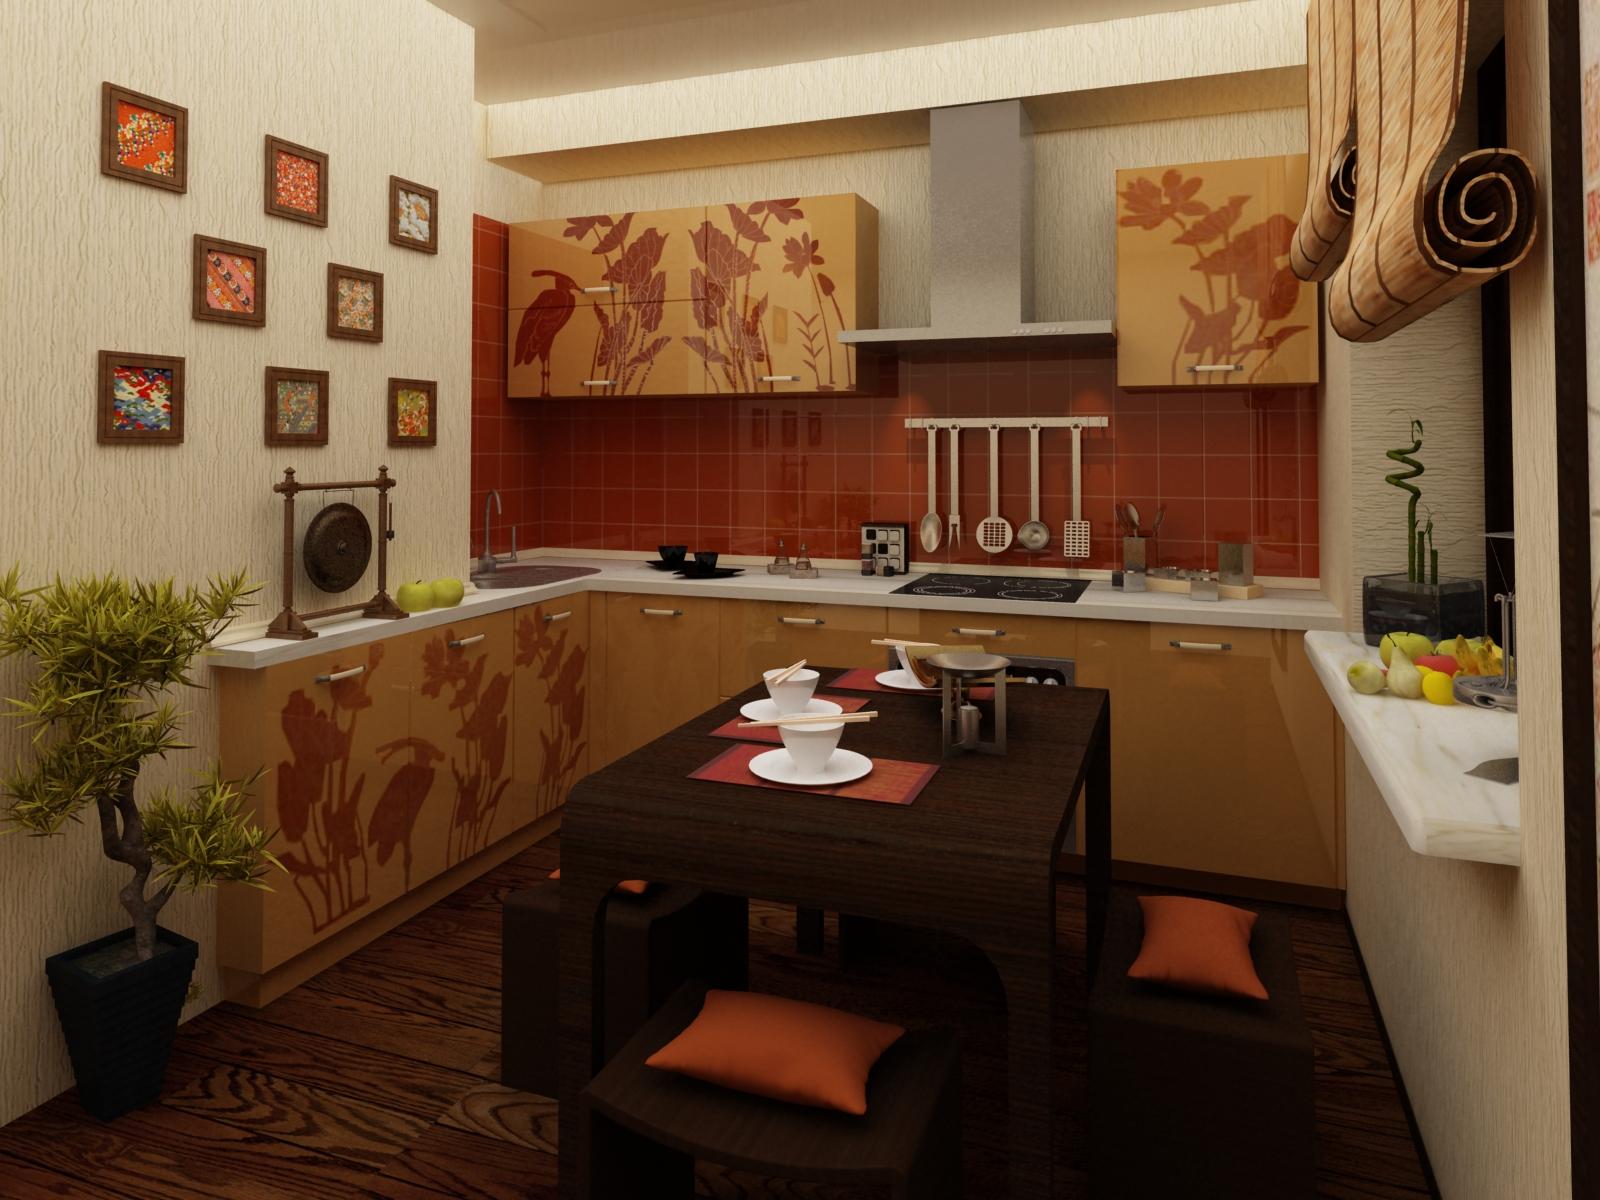 Кухня в китайском стиле фото